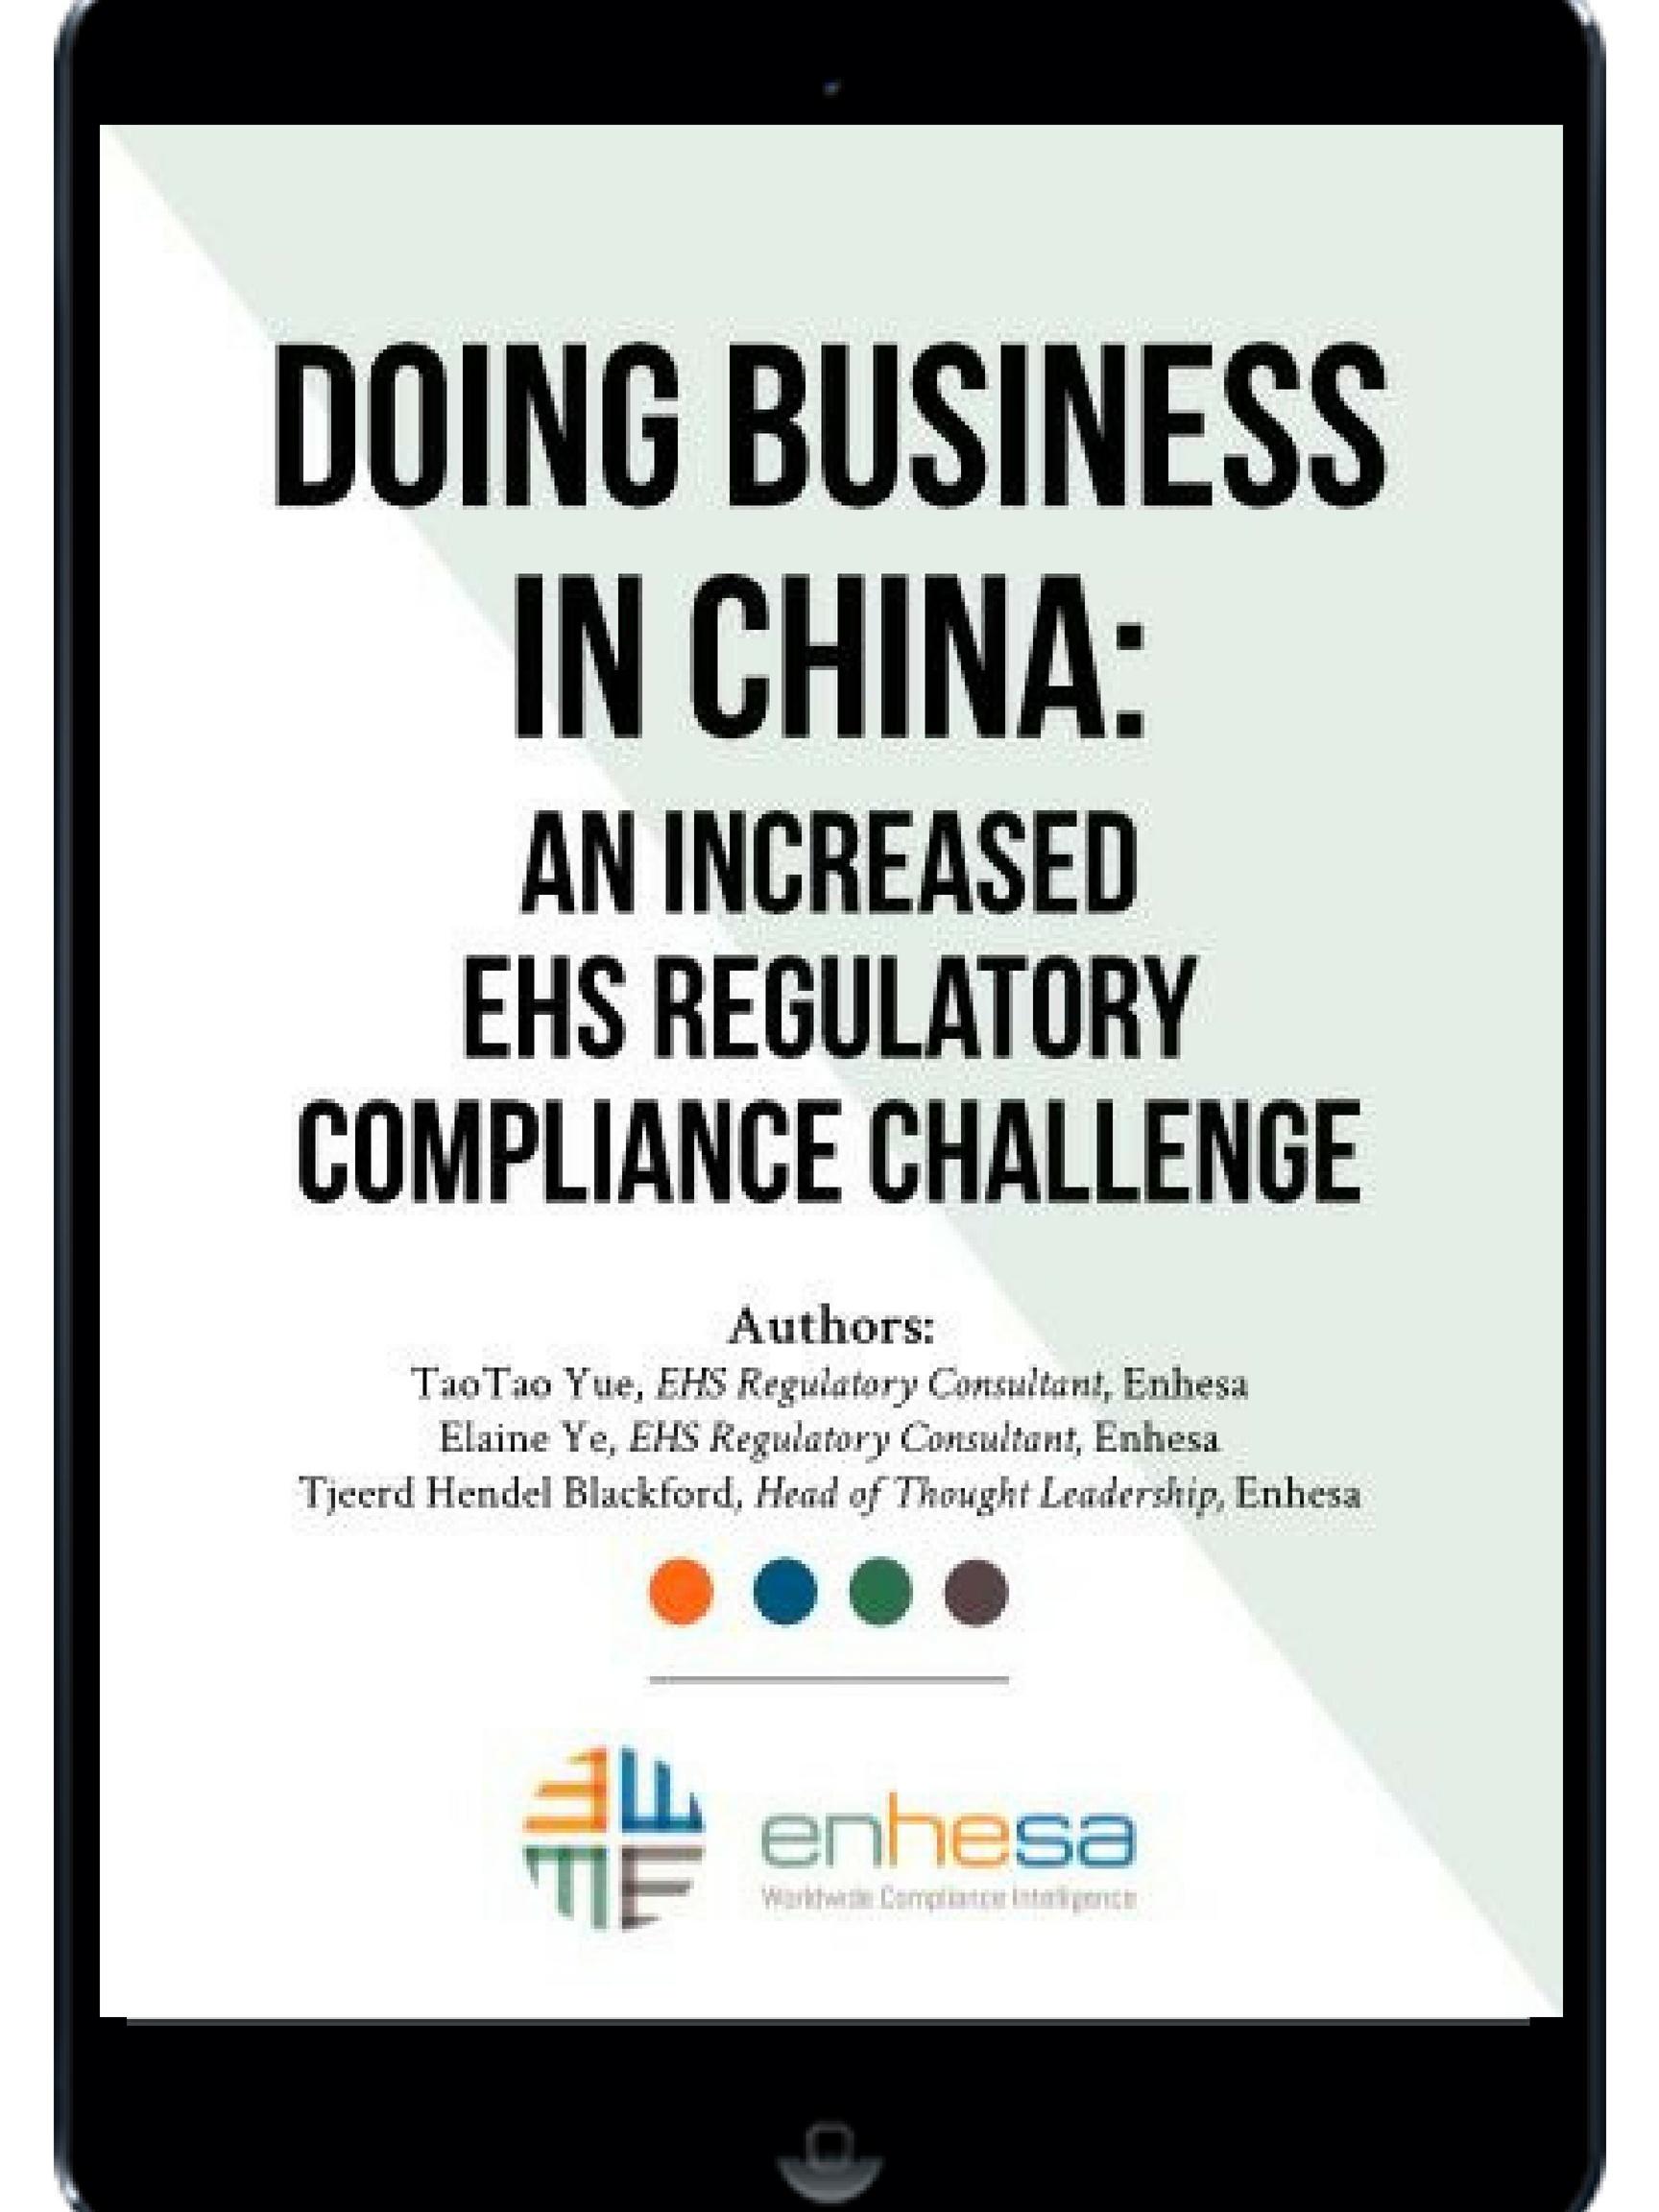 China Whitepaper (2).jpg